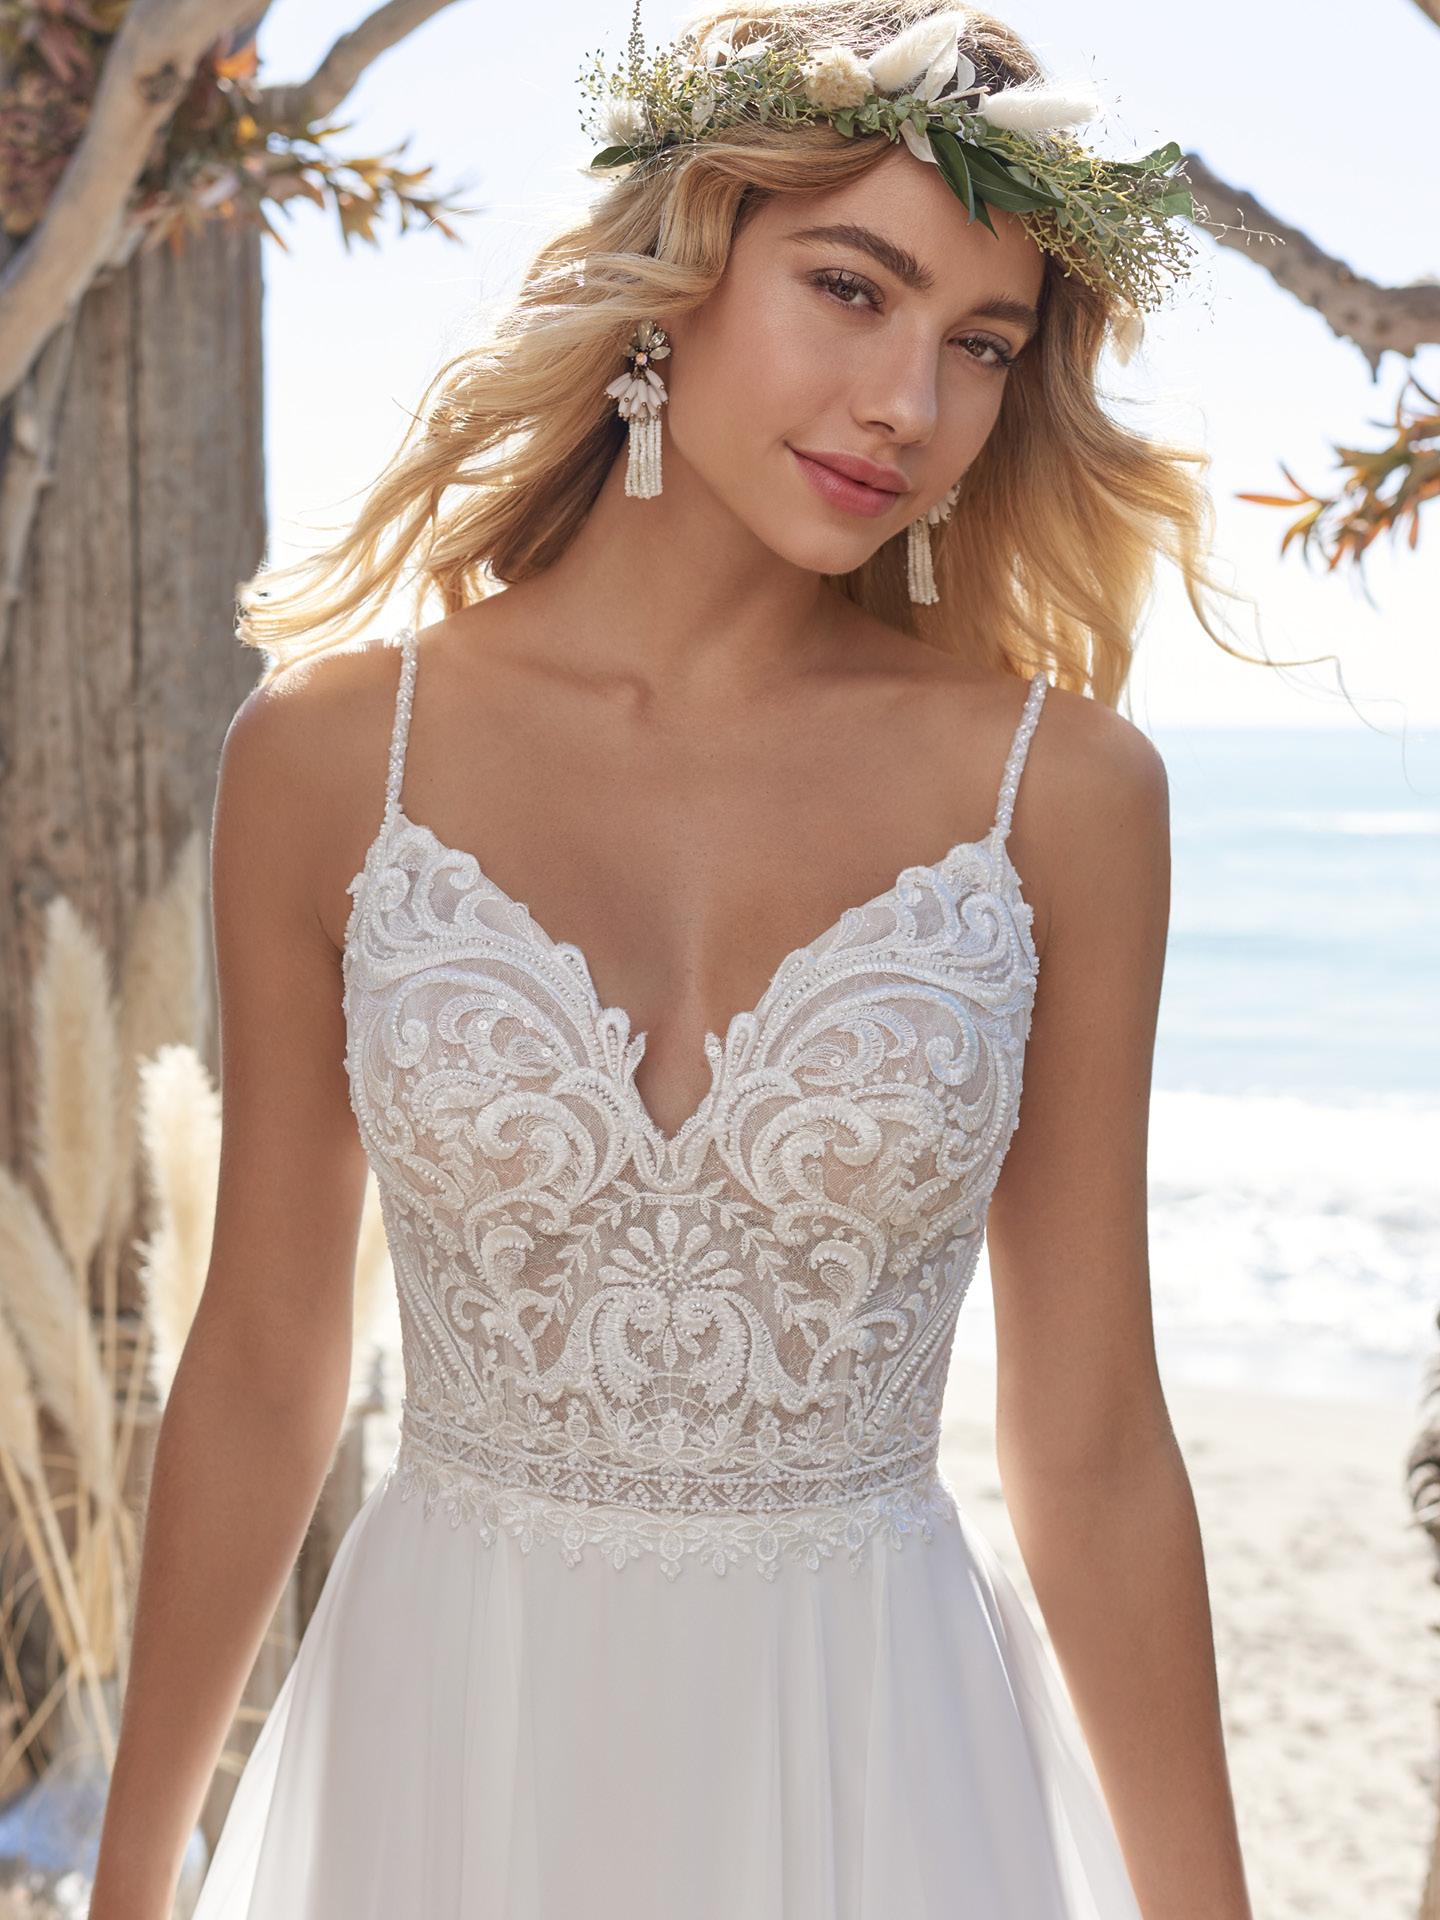 Vestido para casamento ao ar livre: como combinar com o cenário